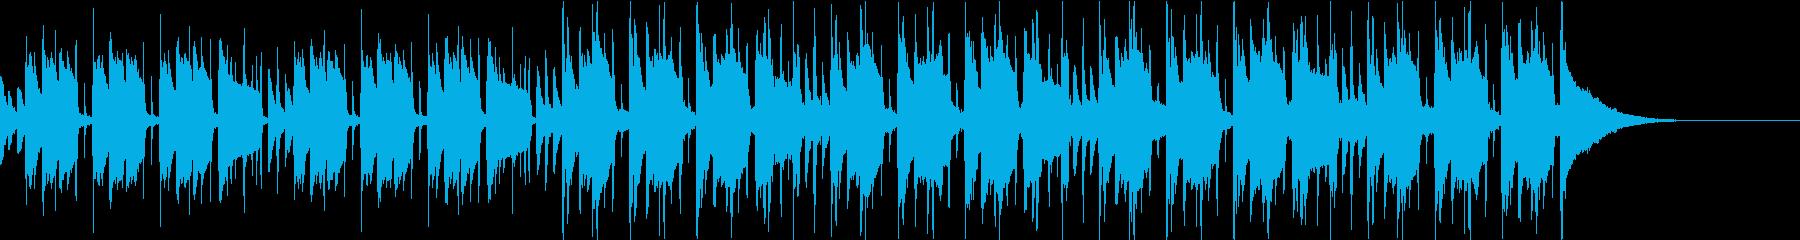 Pf「初動」和風現代ジャズの再生済みの波形